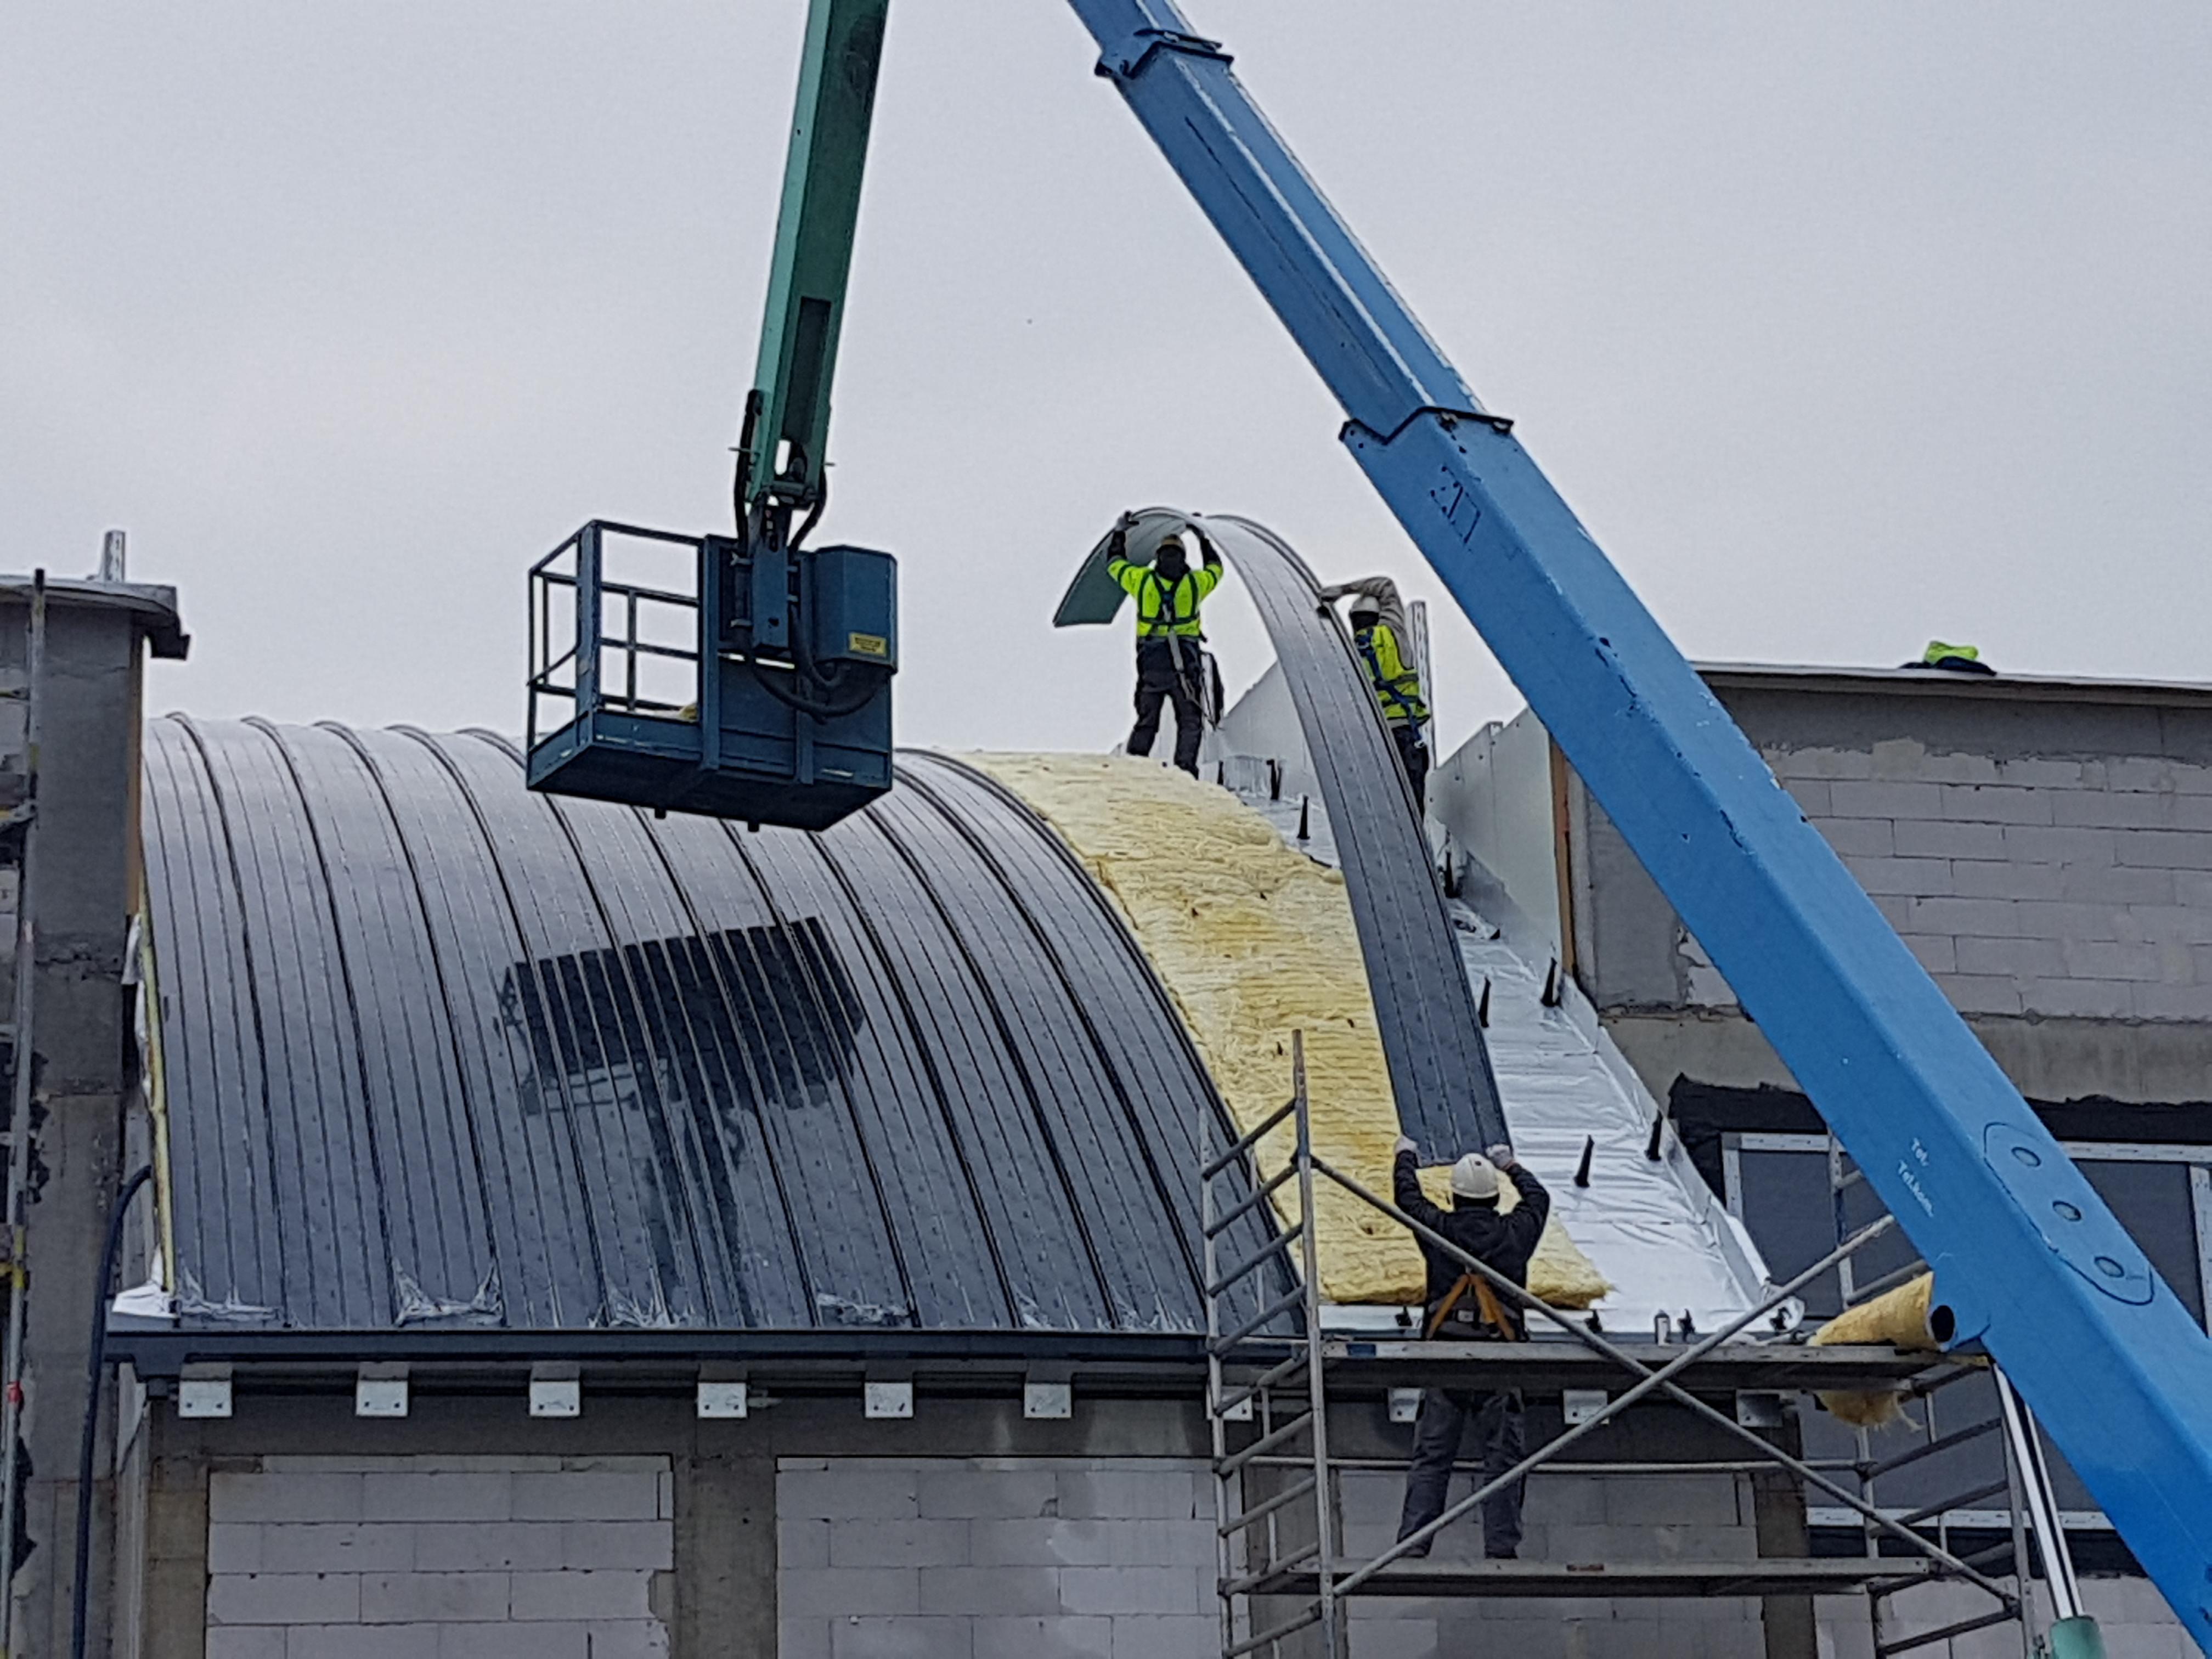 Montaż dachu w technologii Kalzip we Wrocławiu